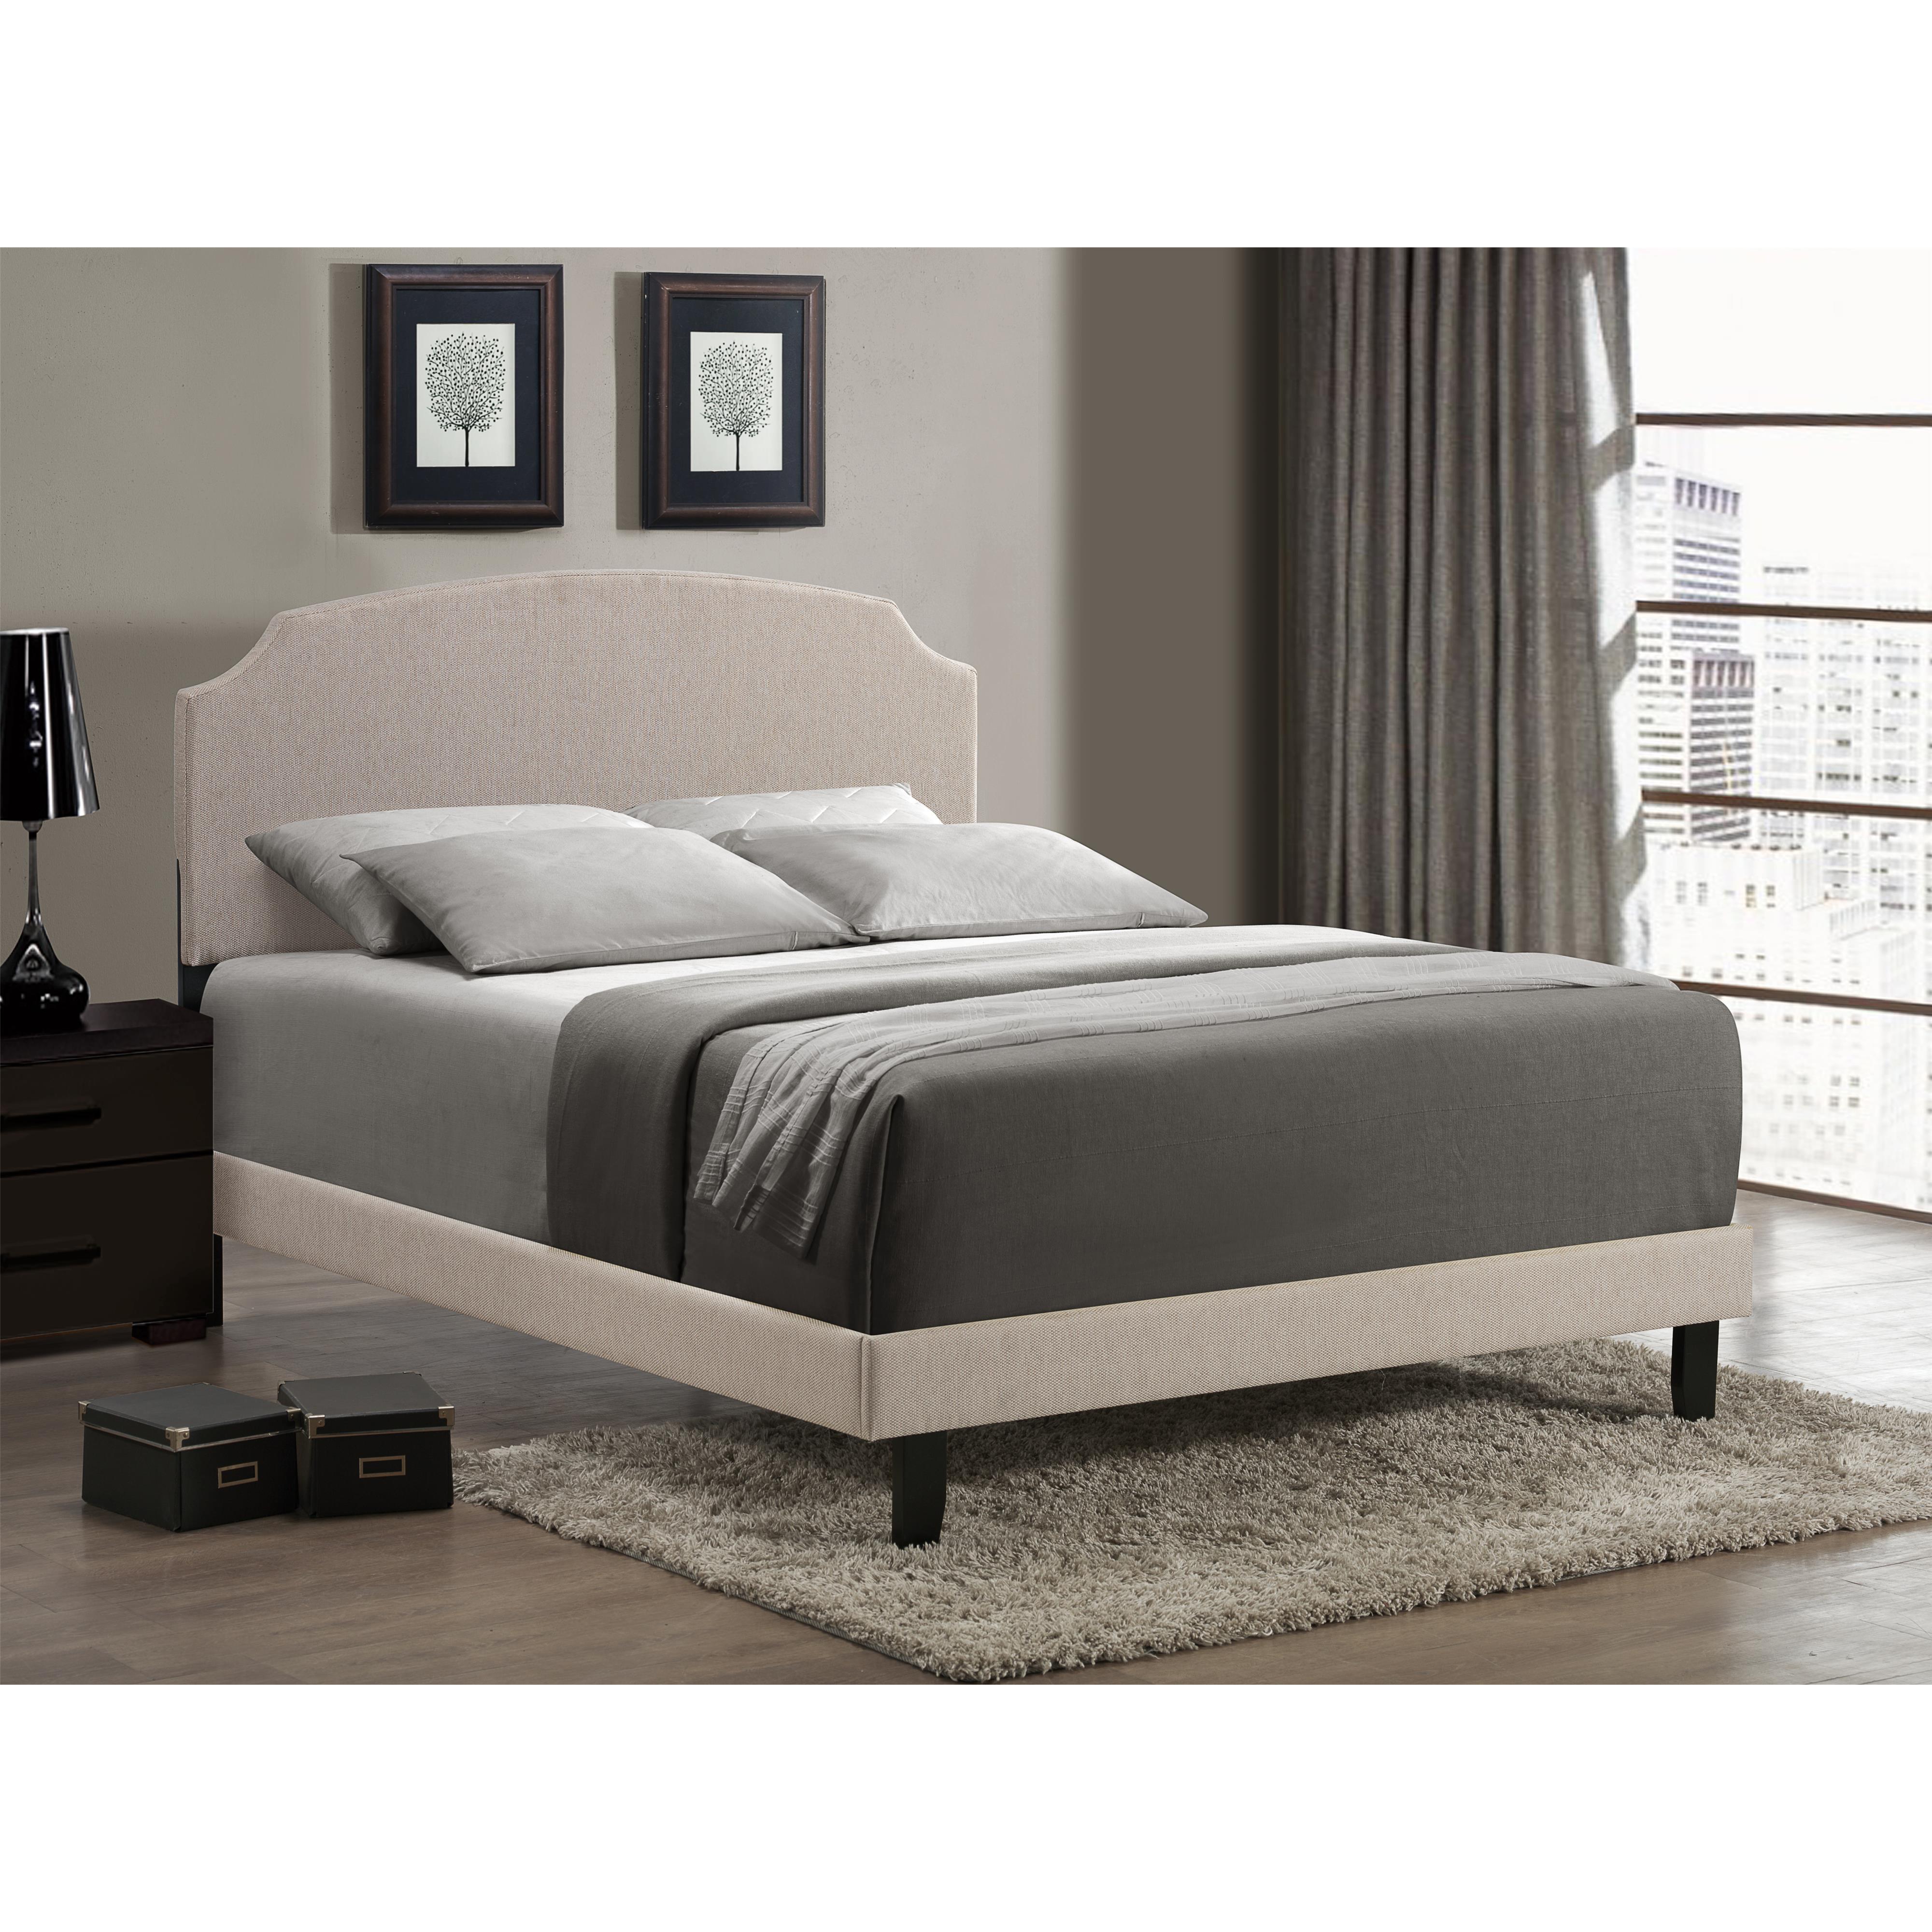 Hillsdale Upholstered Beds Lawler King Bed - Item Number: 1299BKRL